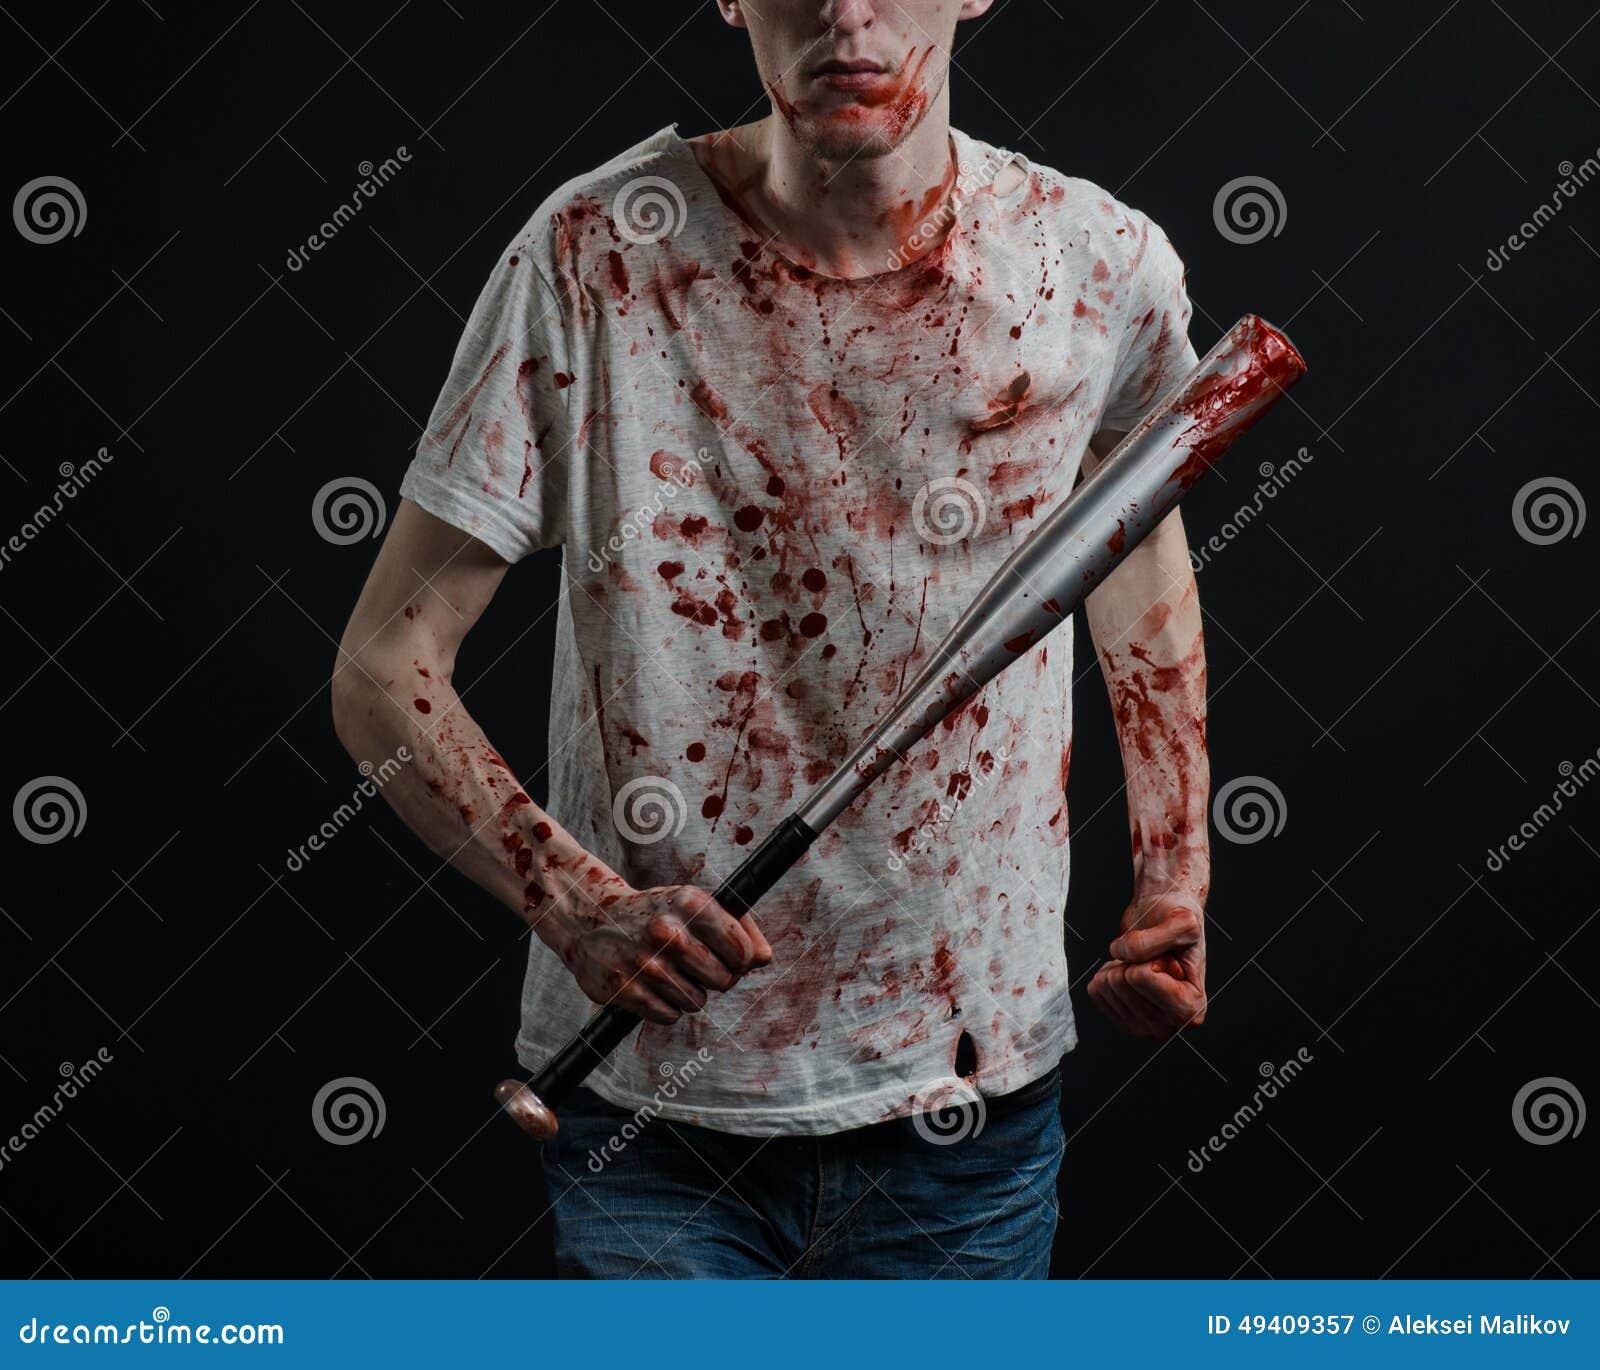 Download Blutiges Thema: Der Kerl In Einem Blutigen T-Shirt, Das Einen Blutigen Schläger Auf Einem Schwarzen Hintergrund Hält Stockbild - Bild von kriminell, angriff: 49409357